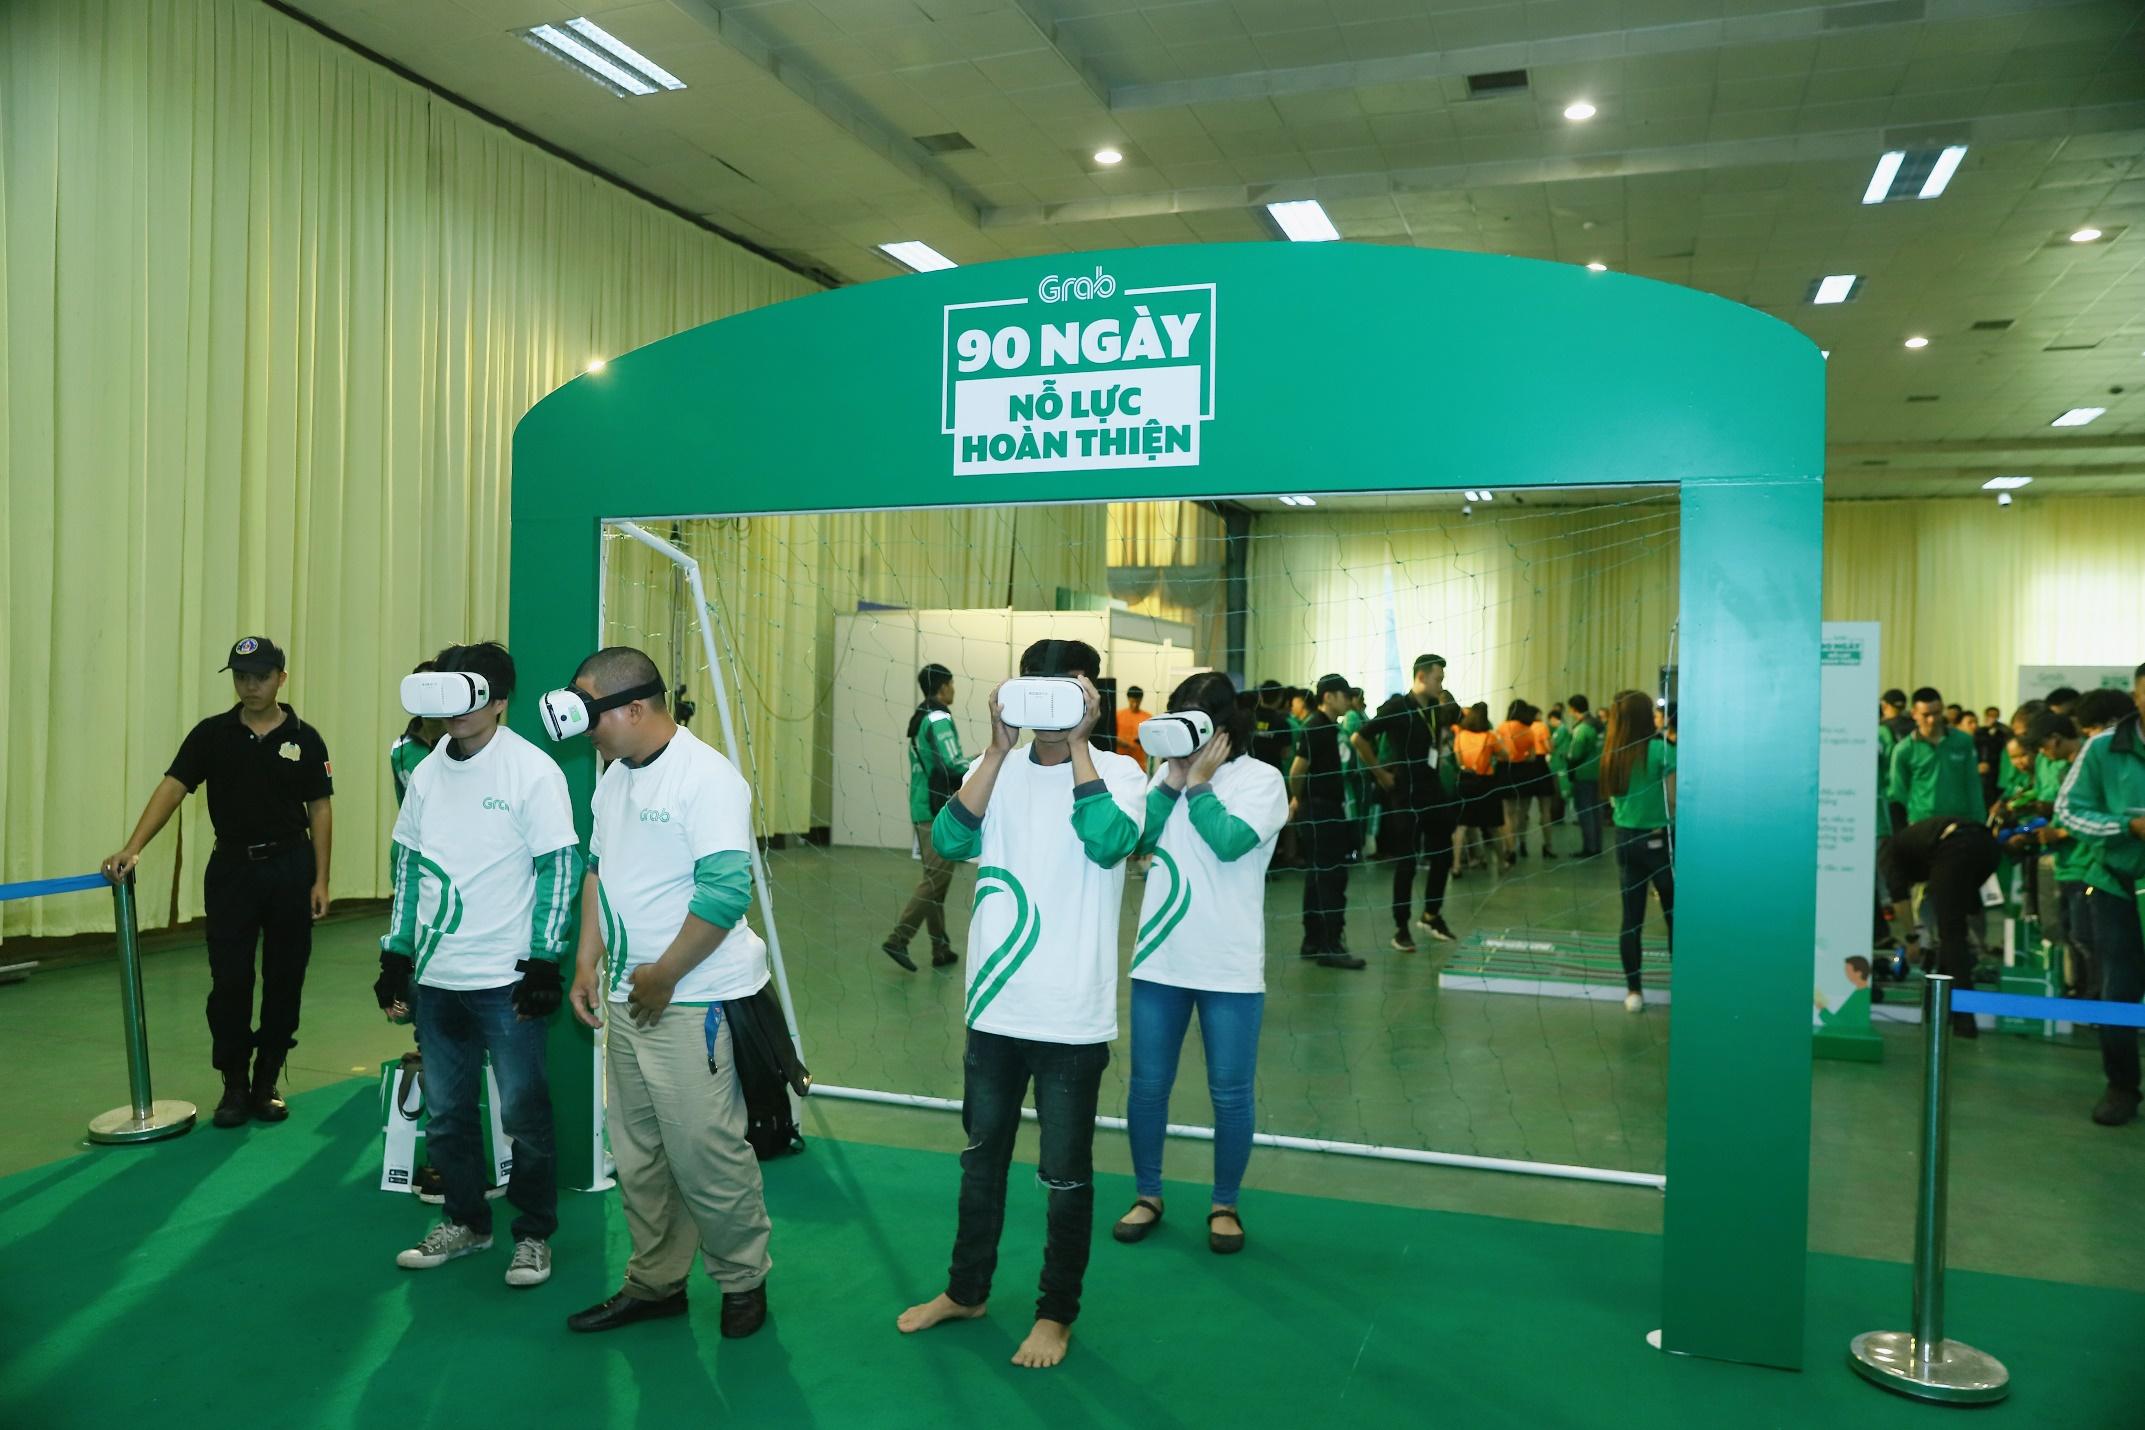 Hà Nội: Mặc mưa bão, Ngày hội tài xế công nghệ vẫn quy tụ hàng ngàn người tham gia - Ảnh 3.